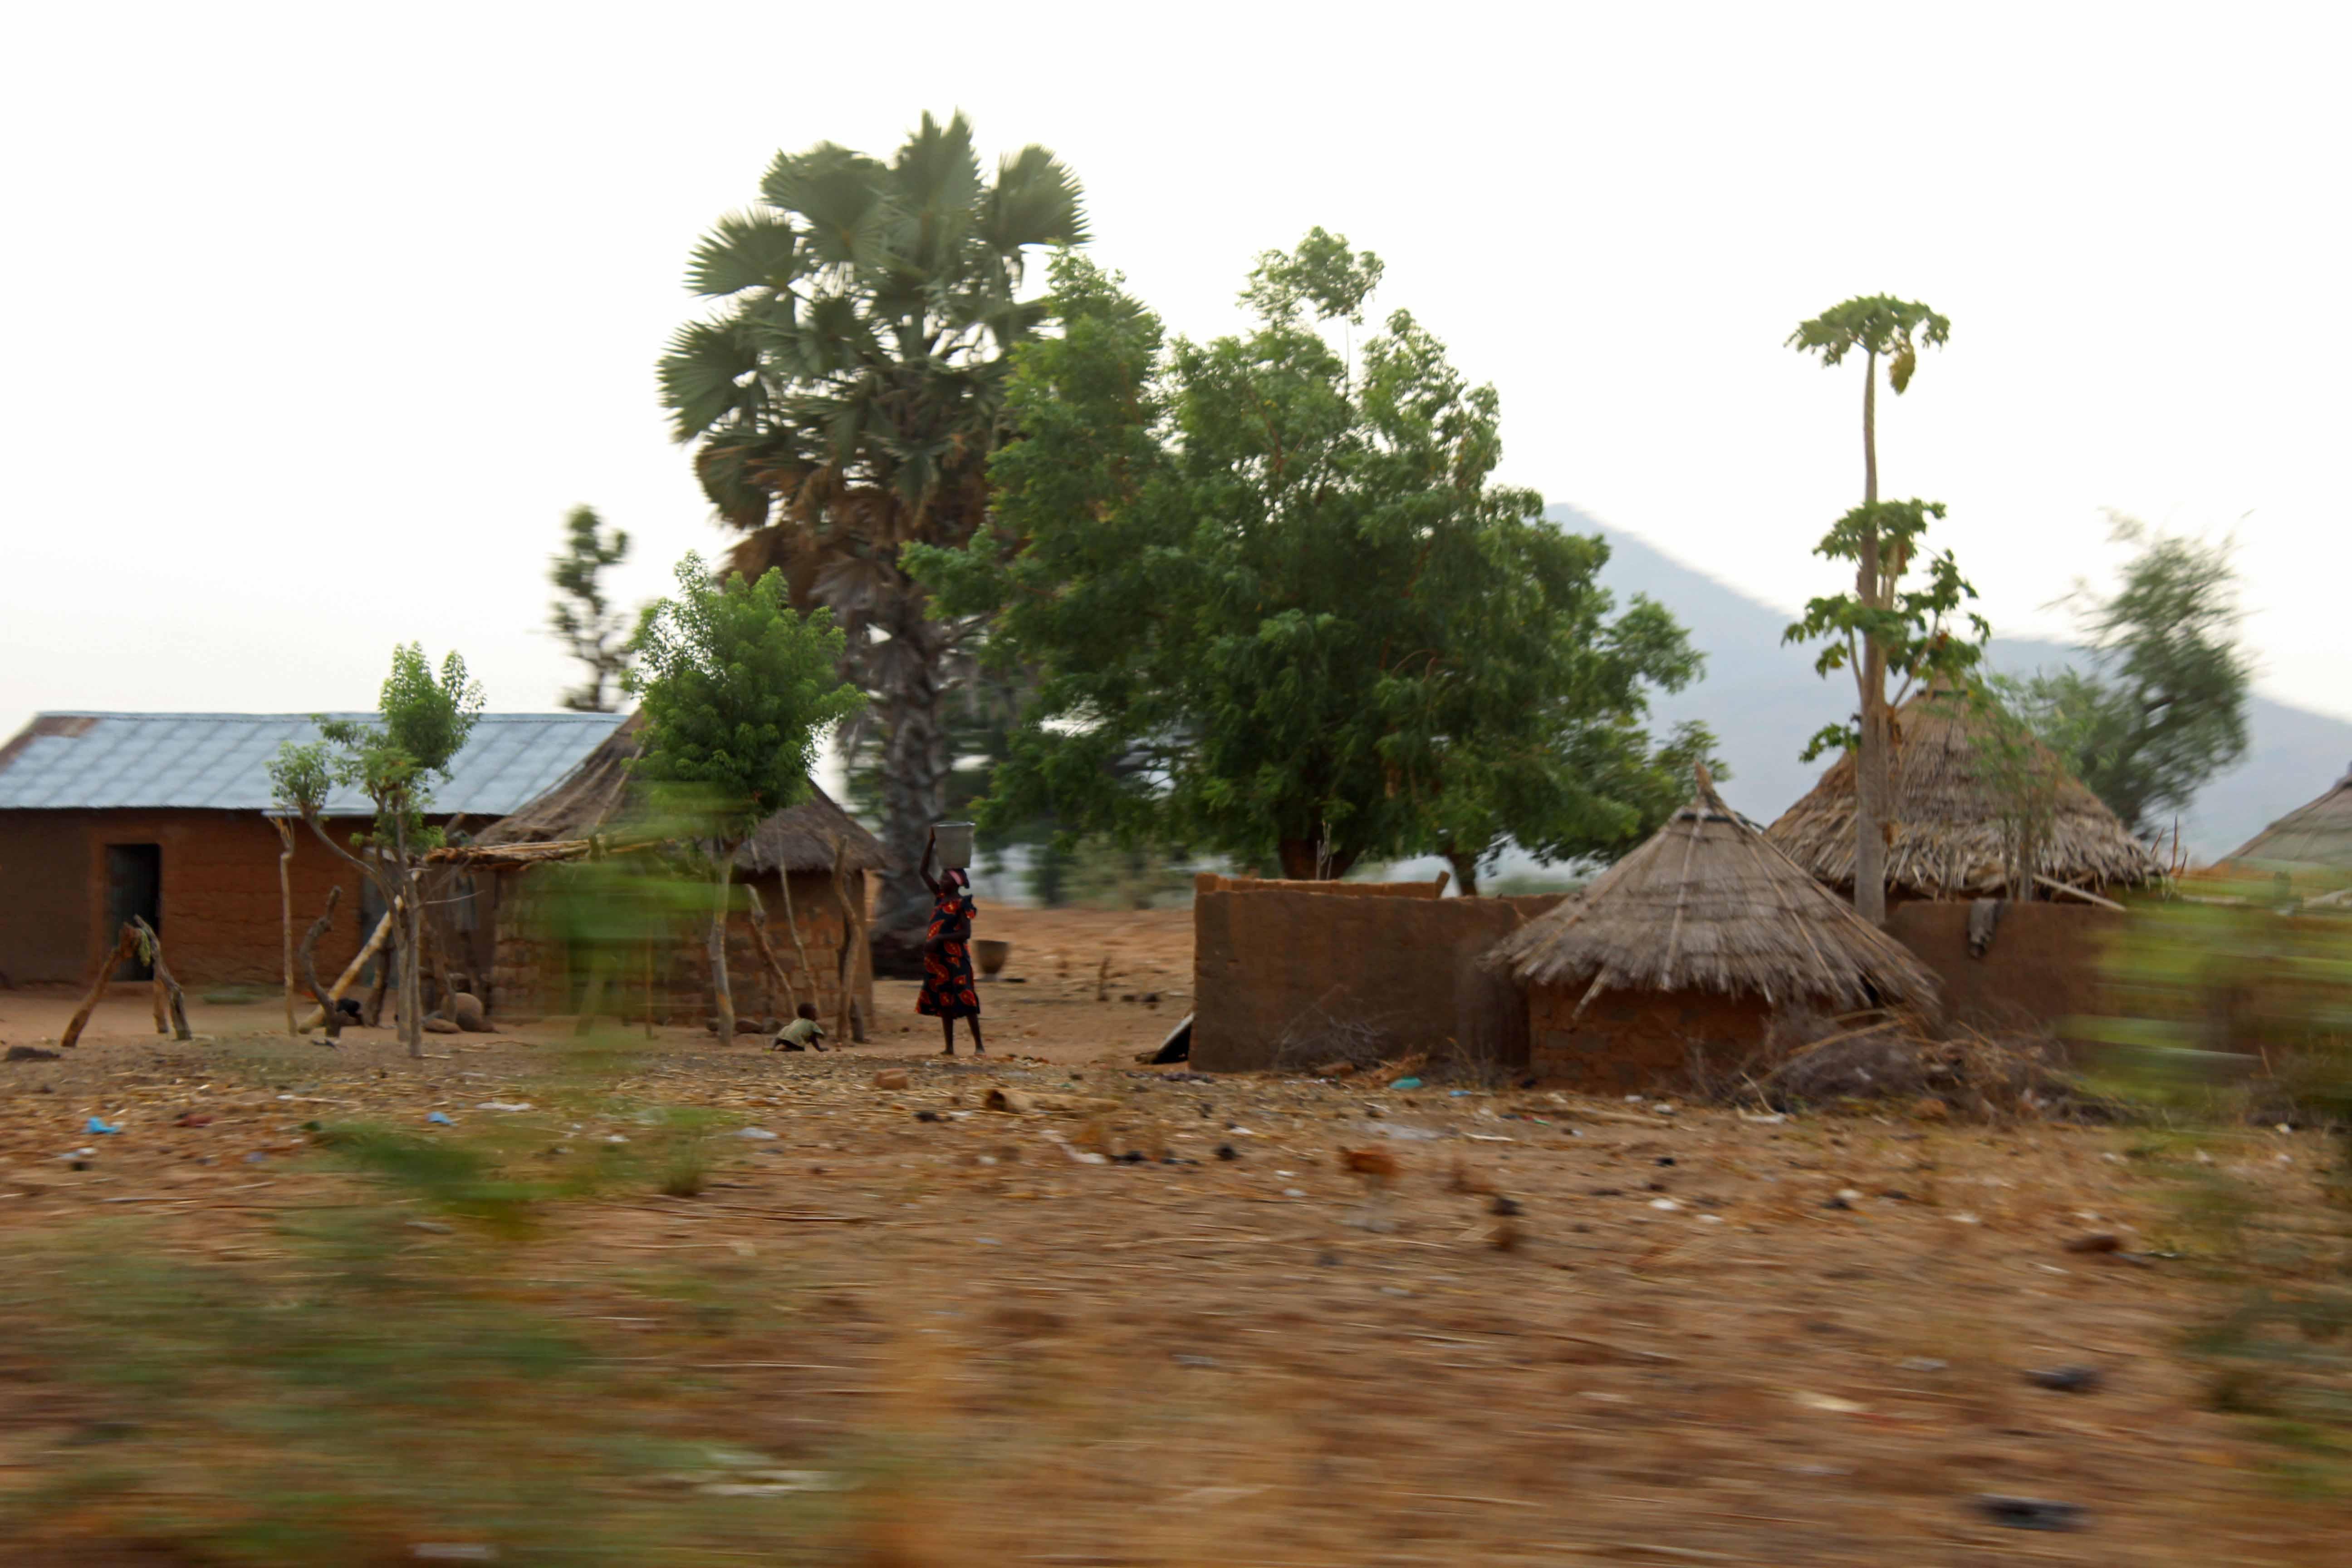 Bauchi Village Nigeria